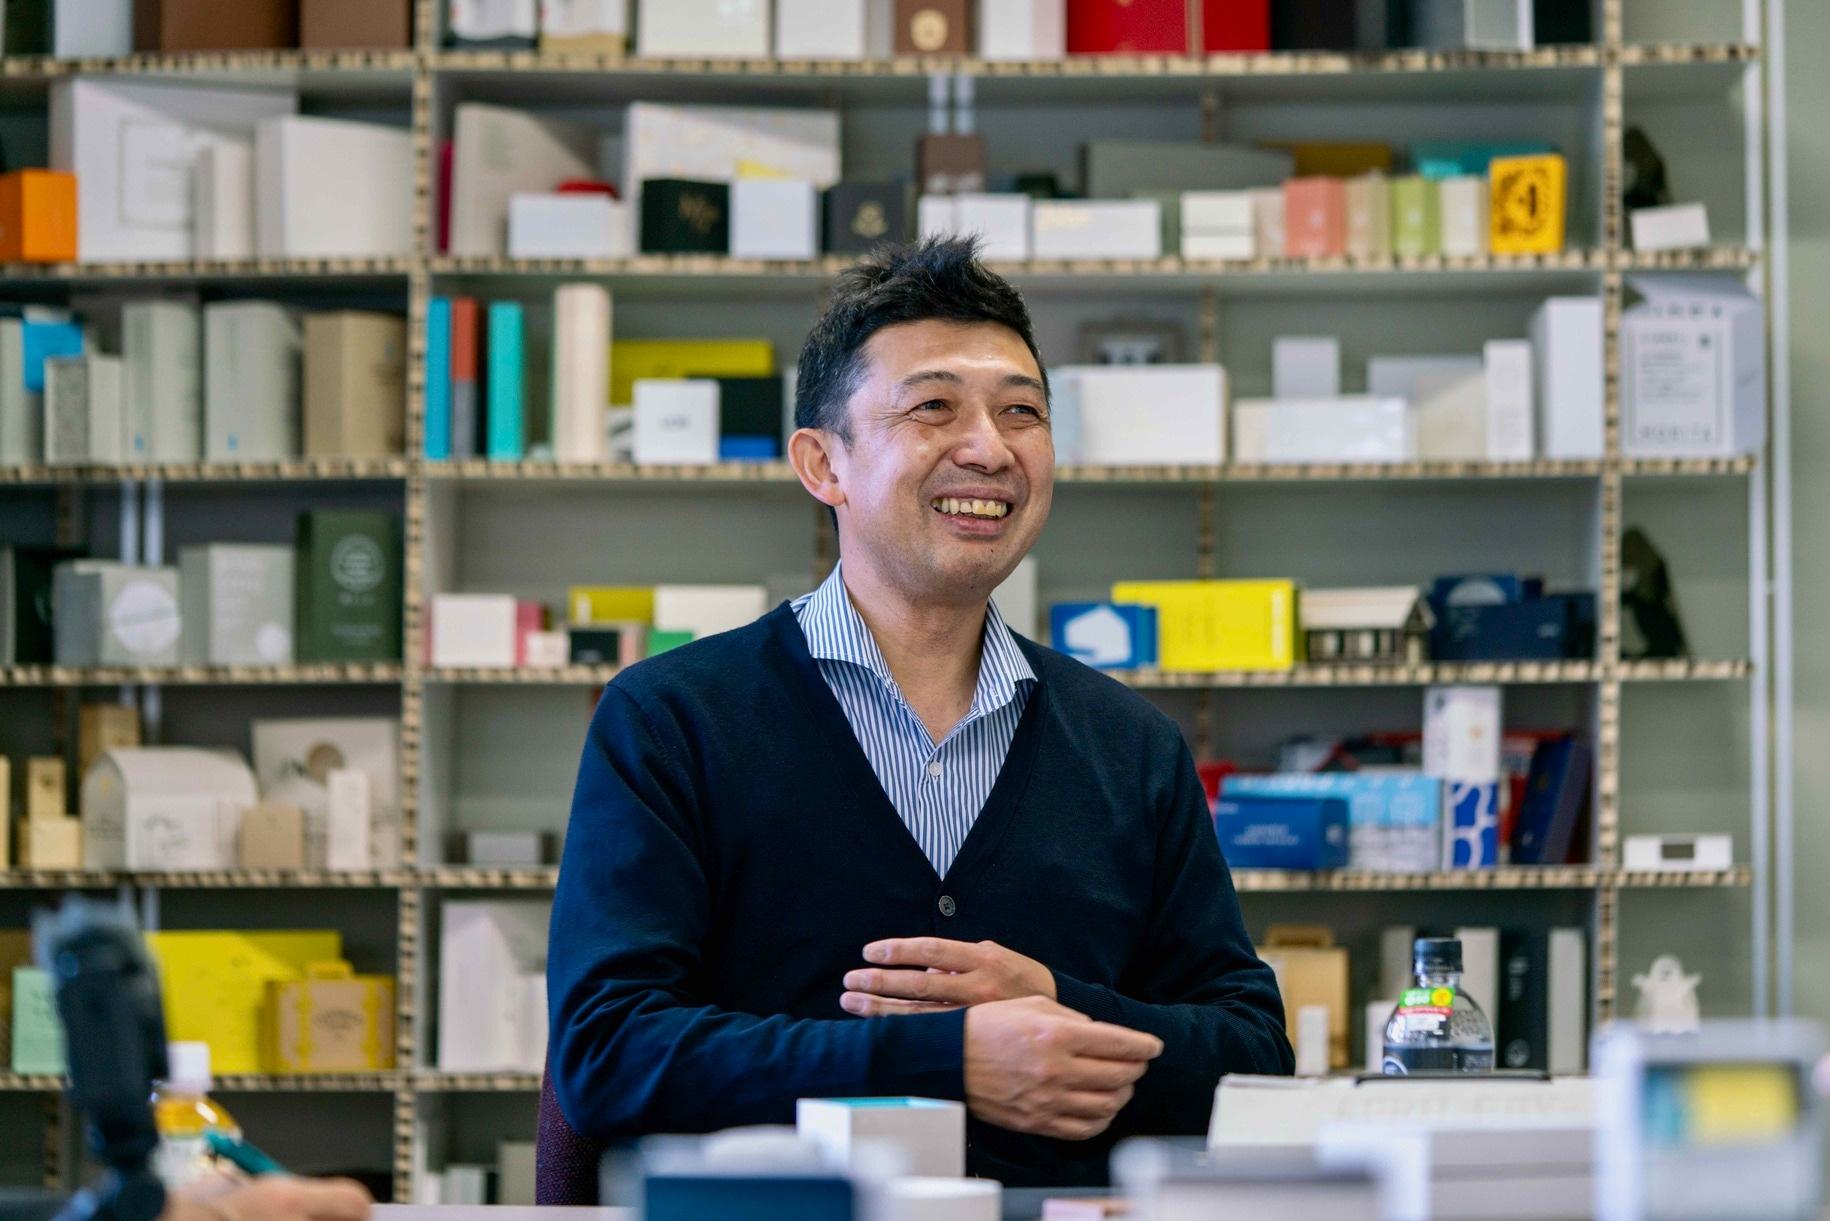 北海道札幌市のモリタ株式会社,オリジナル制作の紙箱を背景に語る近藤社長